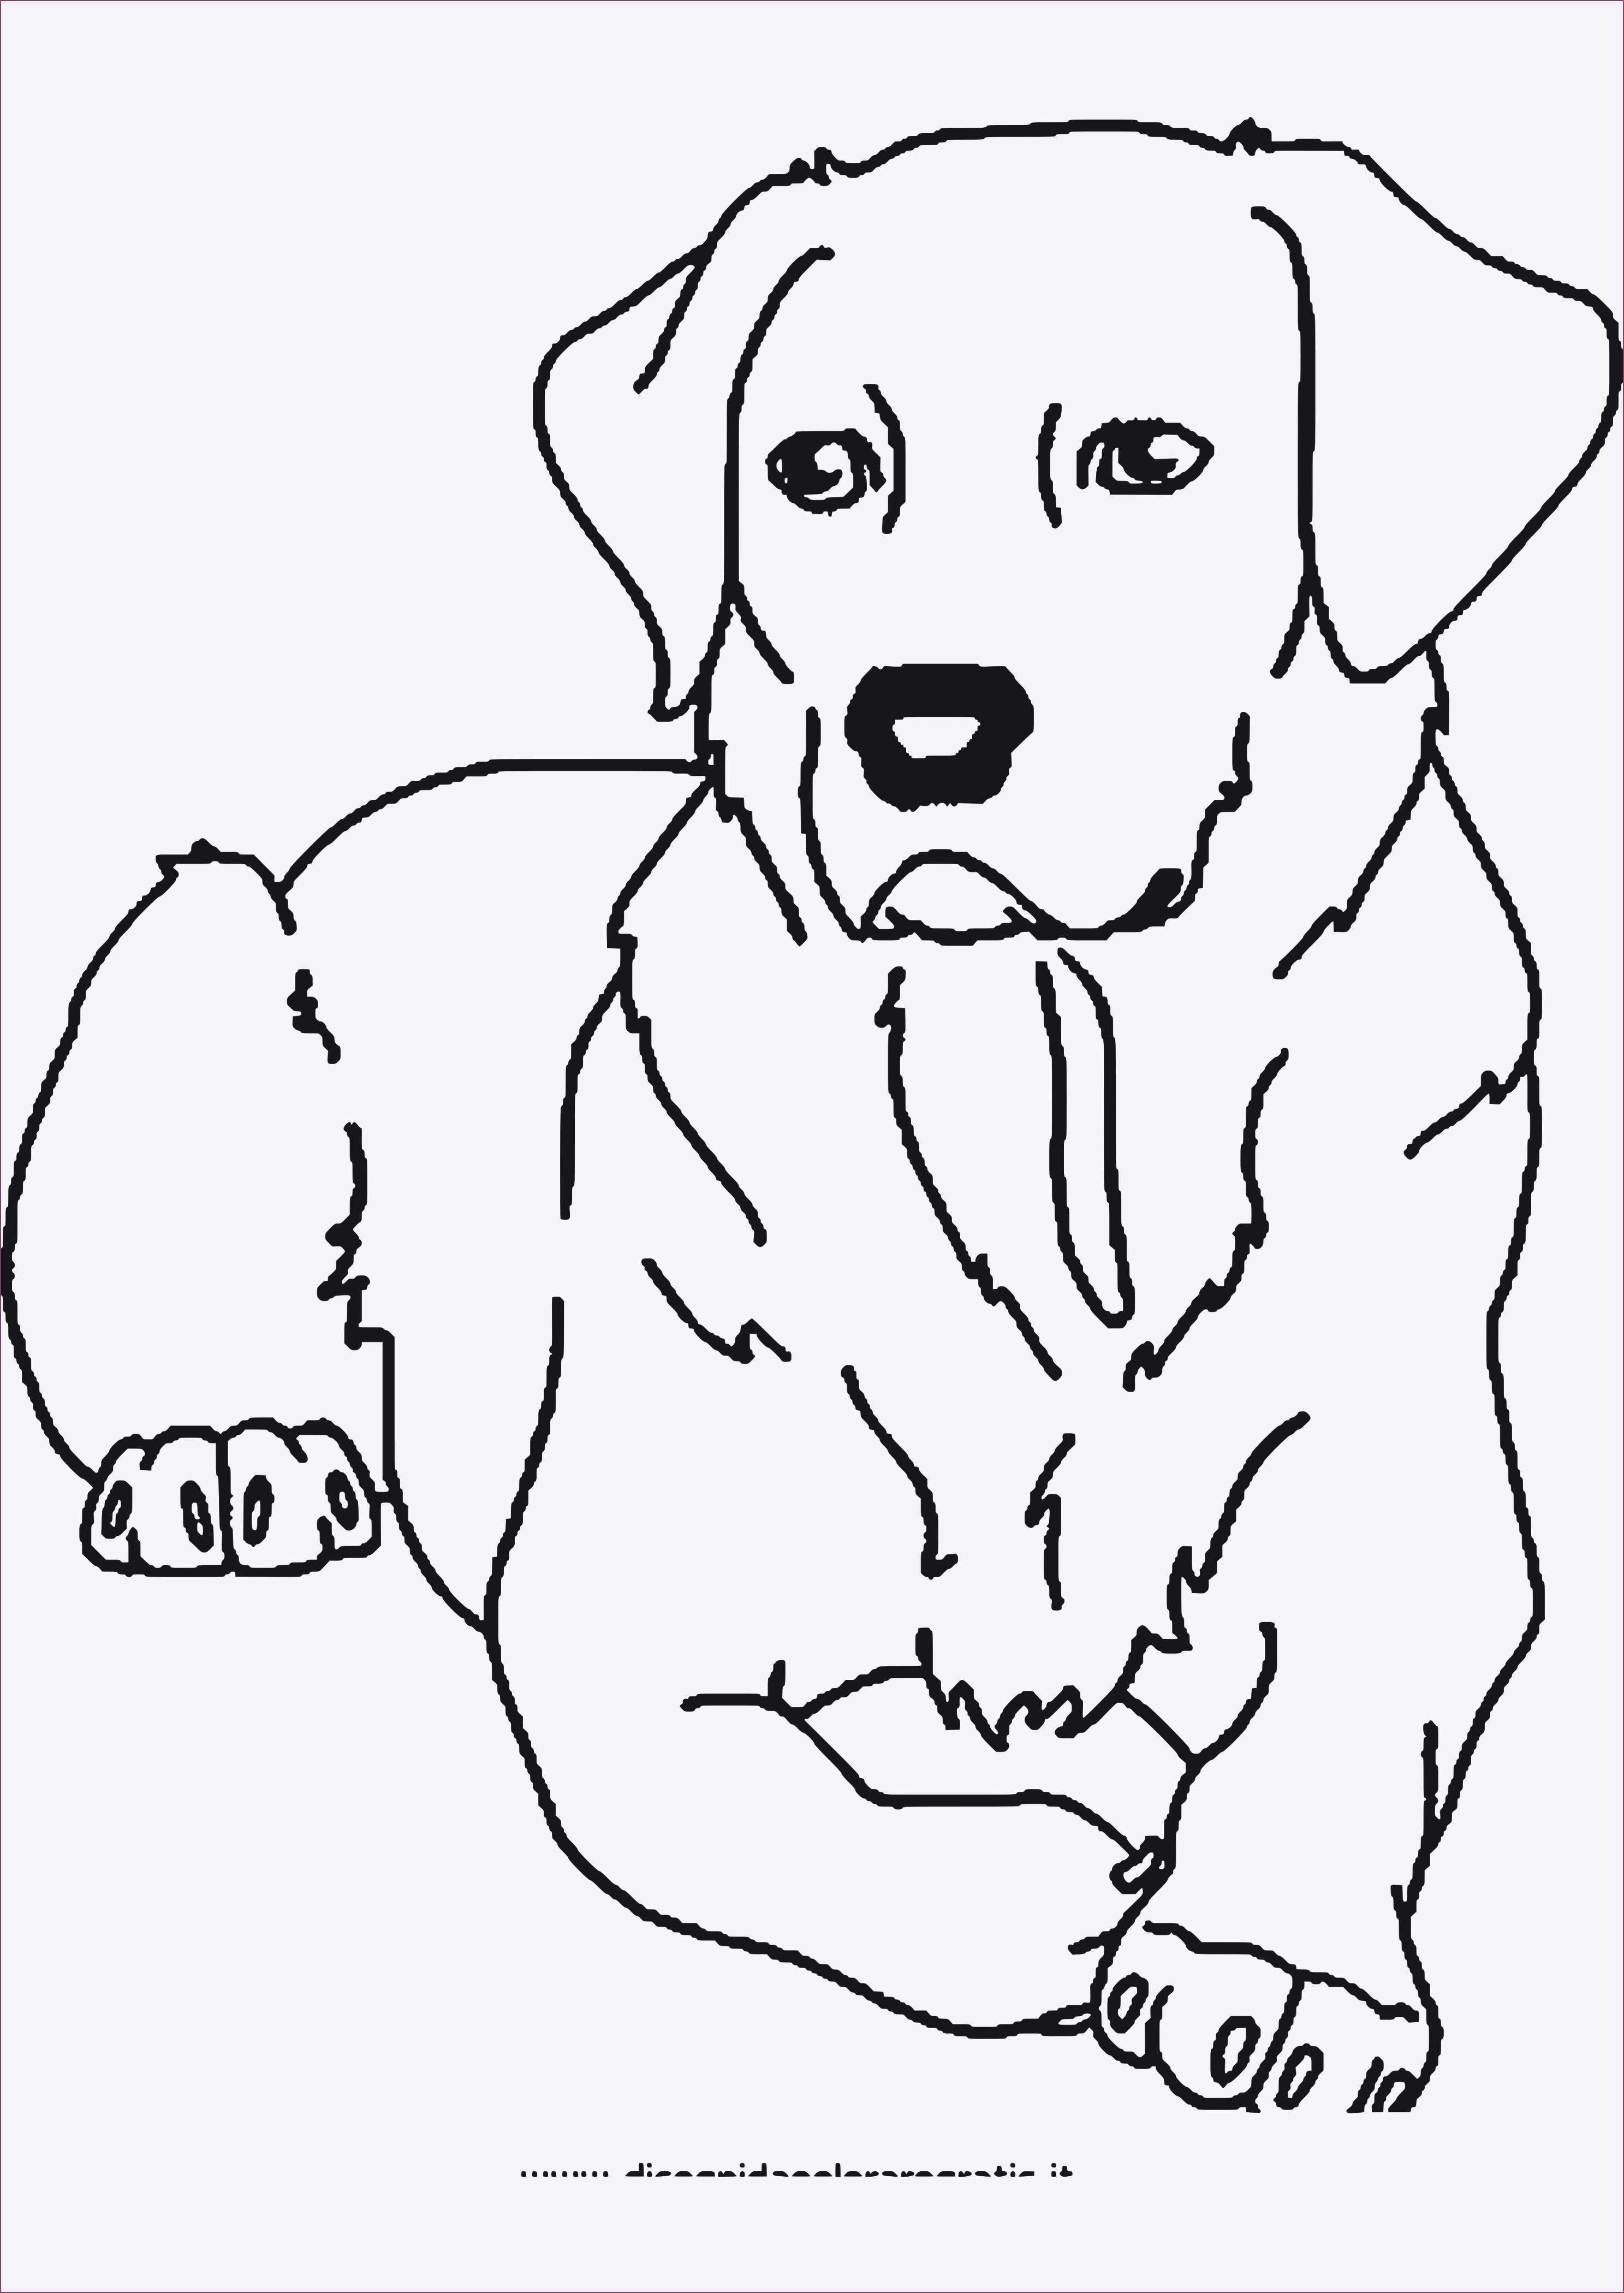 Ausmalbilder Tiere Gratis Zum Ausdrucken  Ausmalbilder tiere